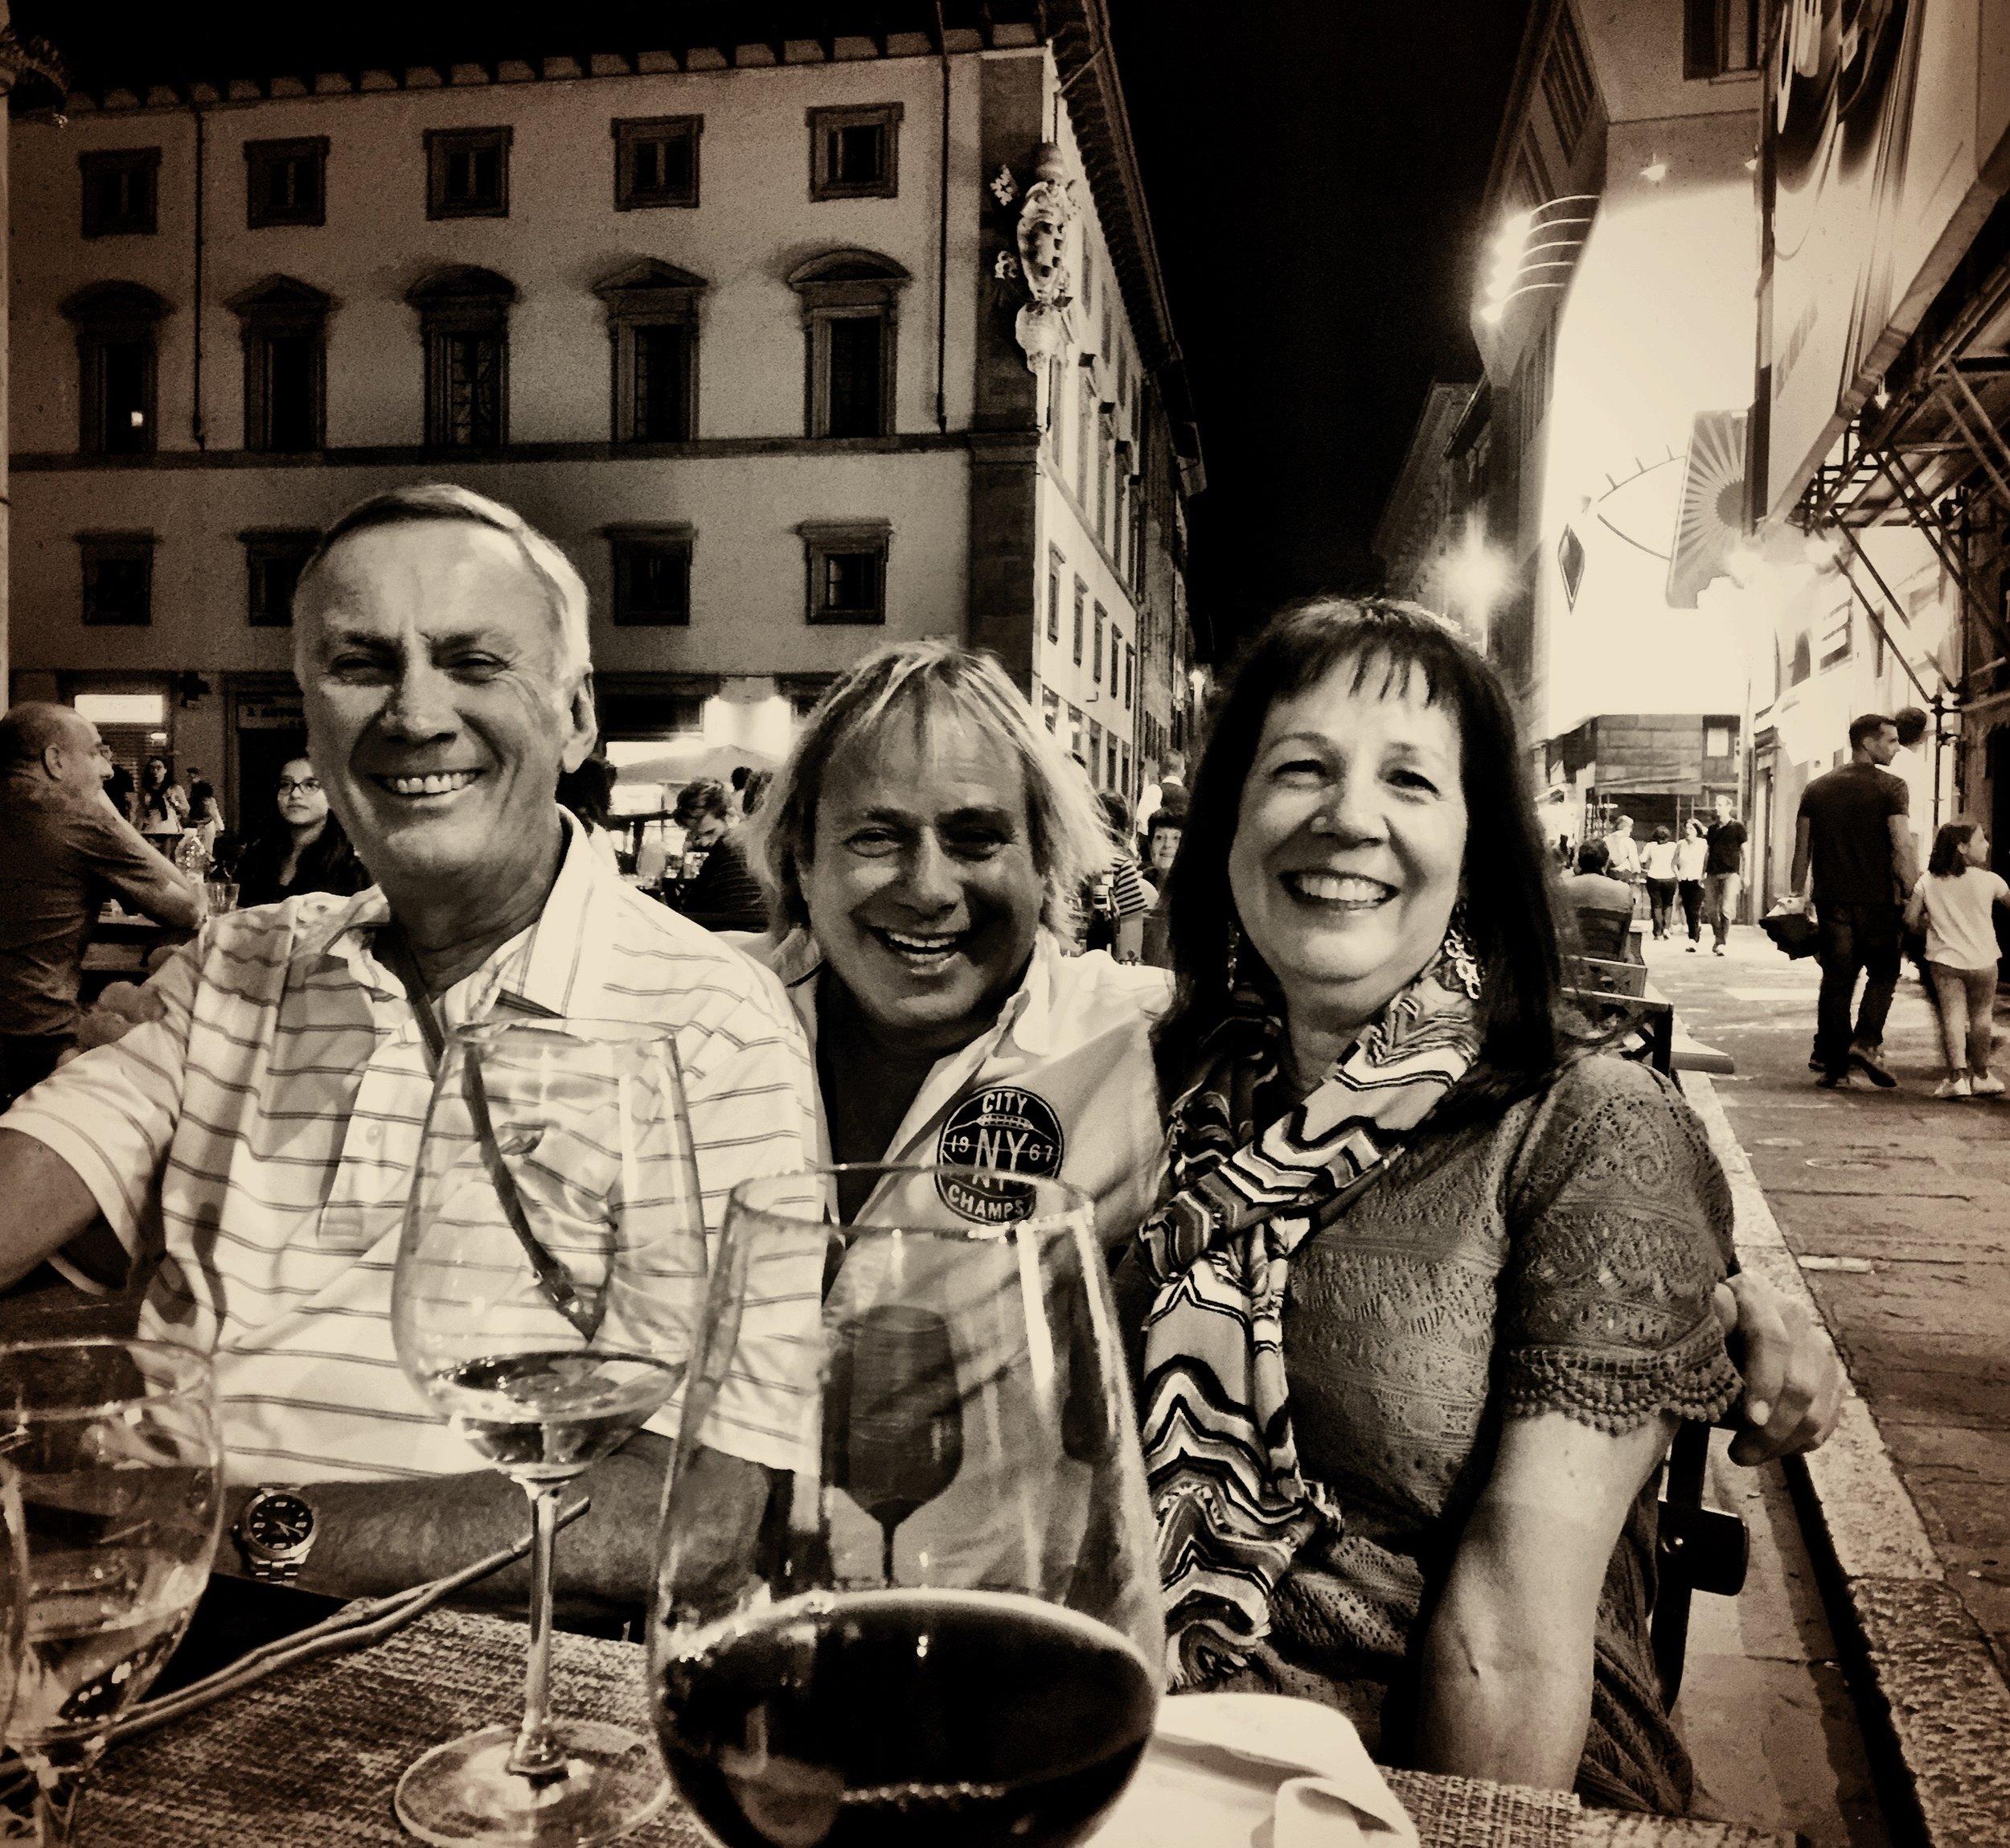 Phil Giltner, Walter Spitz and Renee Giltner in Firenze